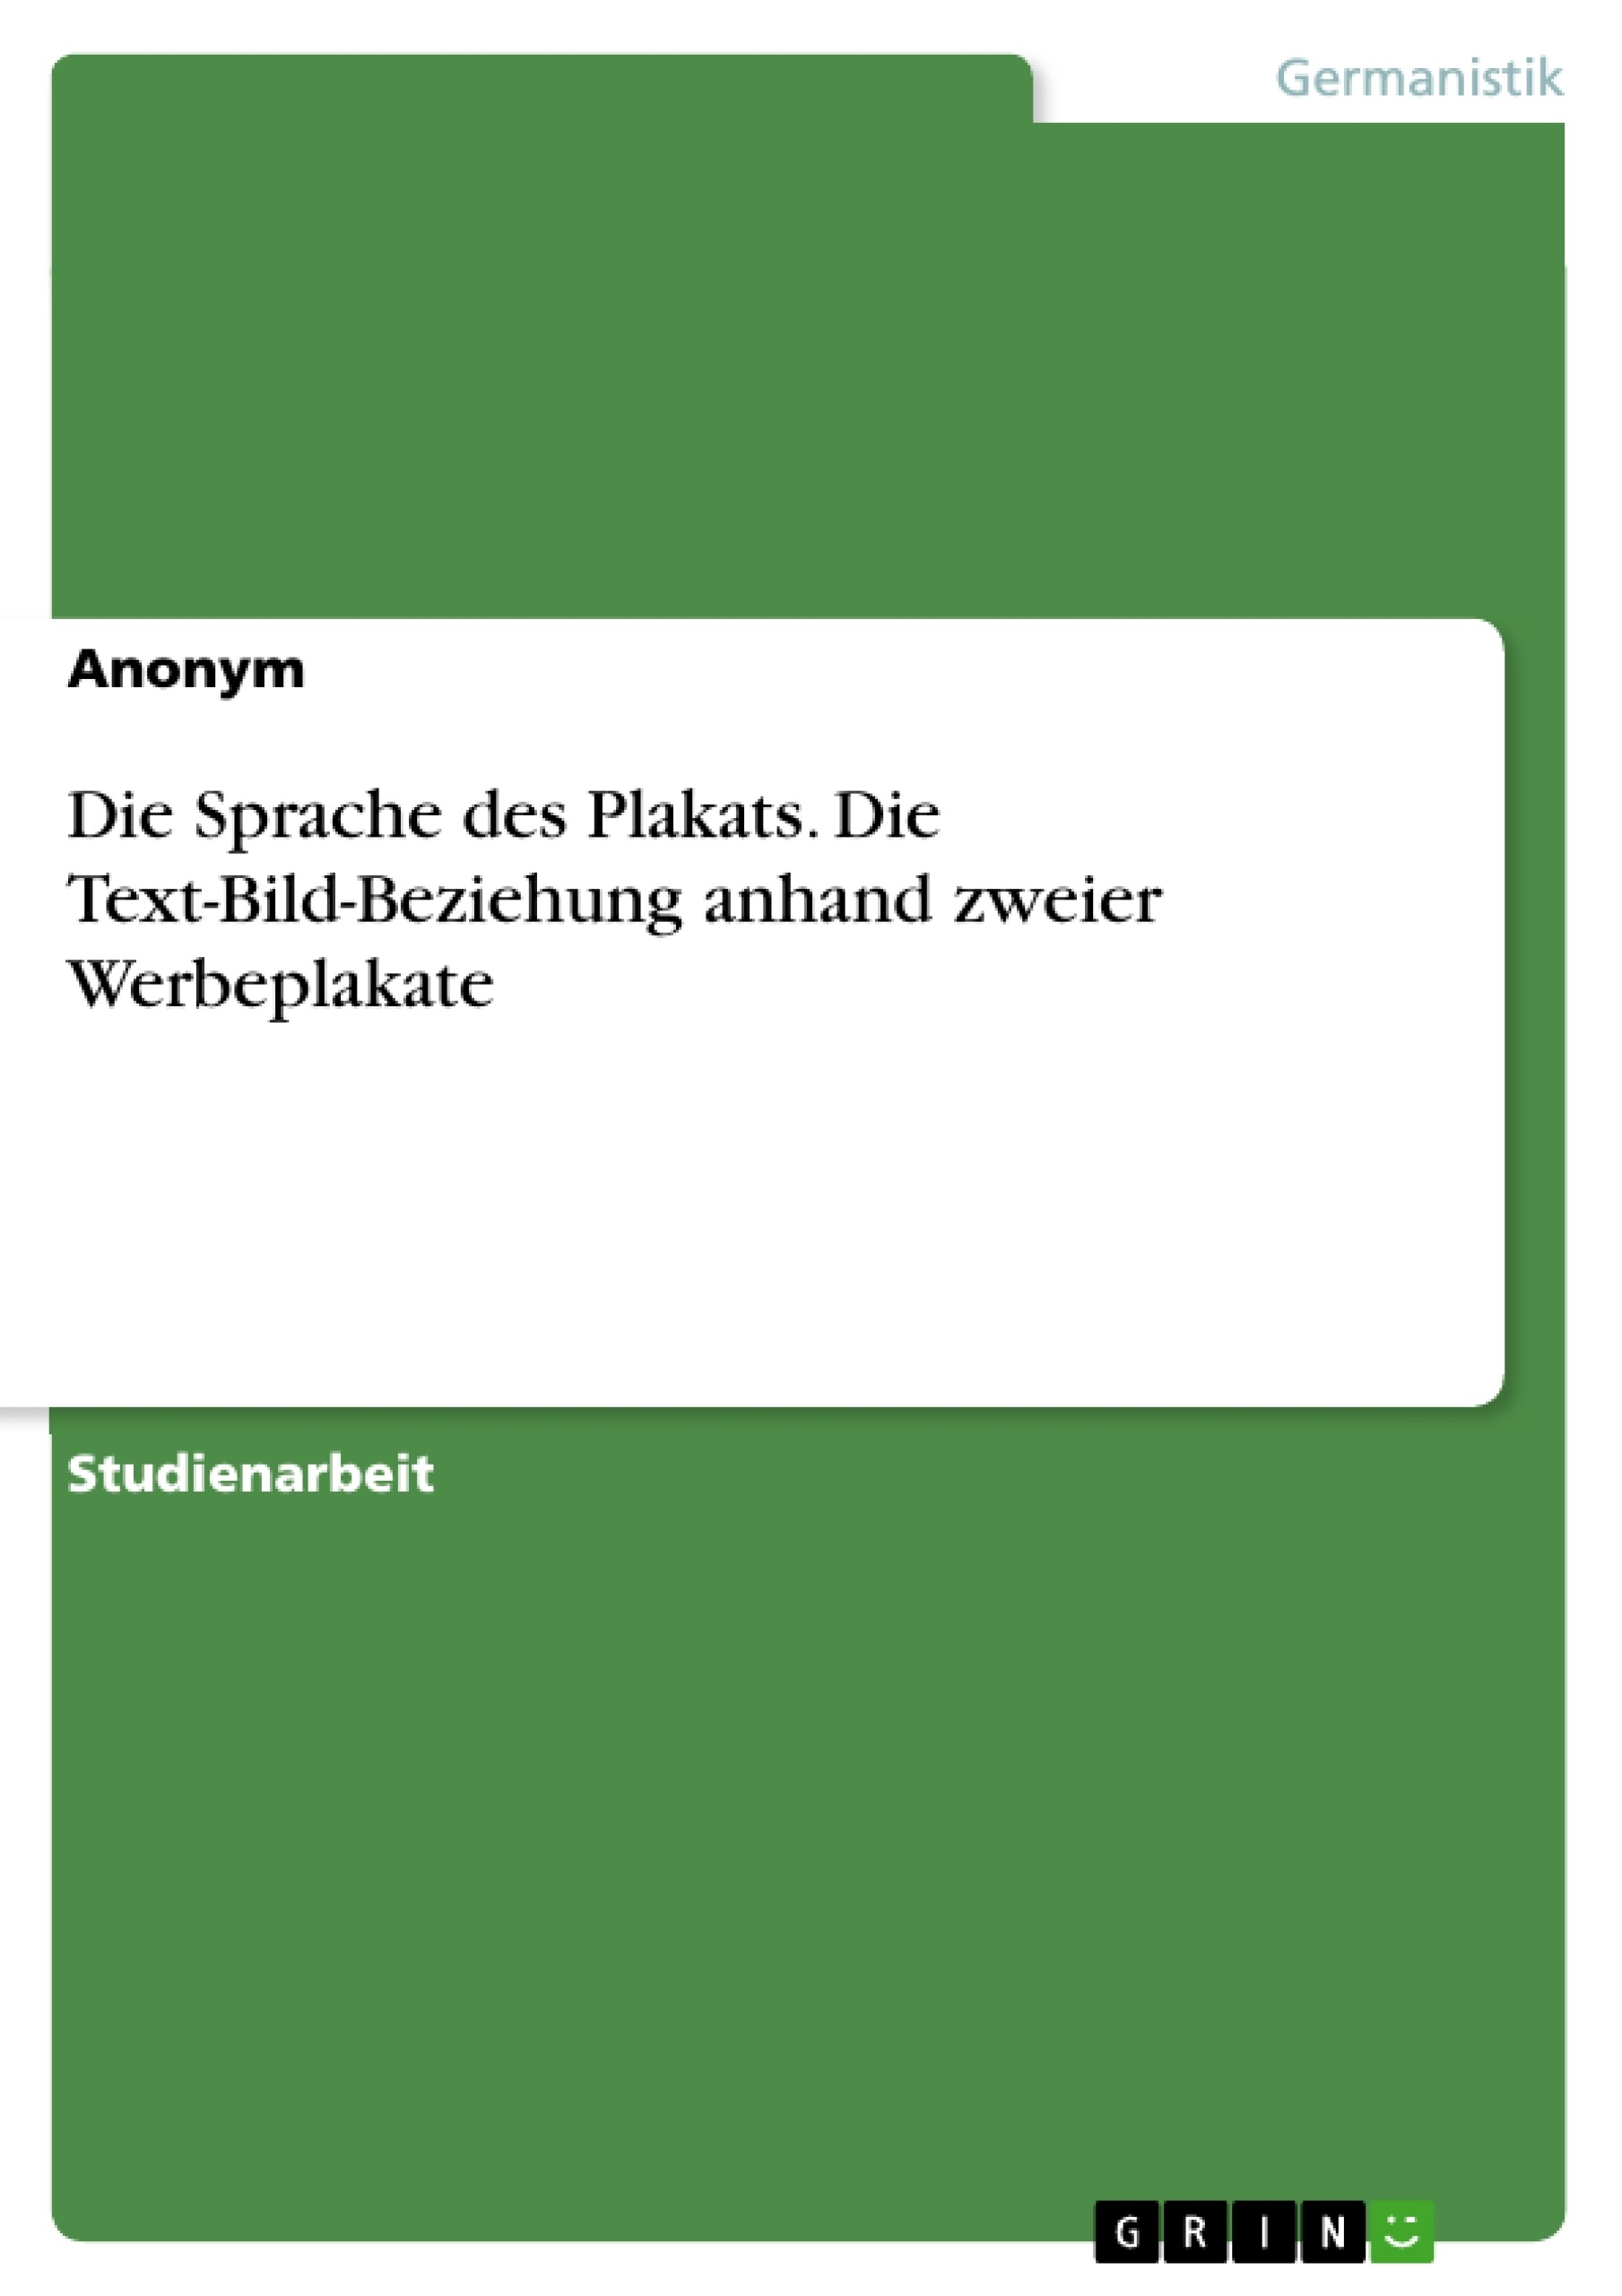 Titel: Die Sprache des Plakats. Die Text-Bild-Beziehung anhand zweier Werbeplakate